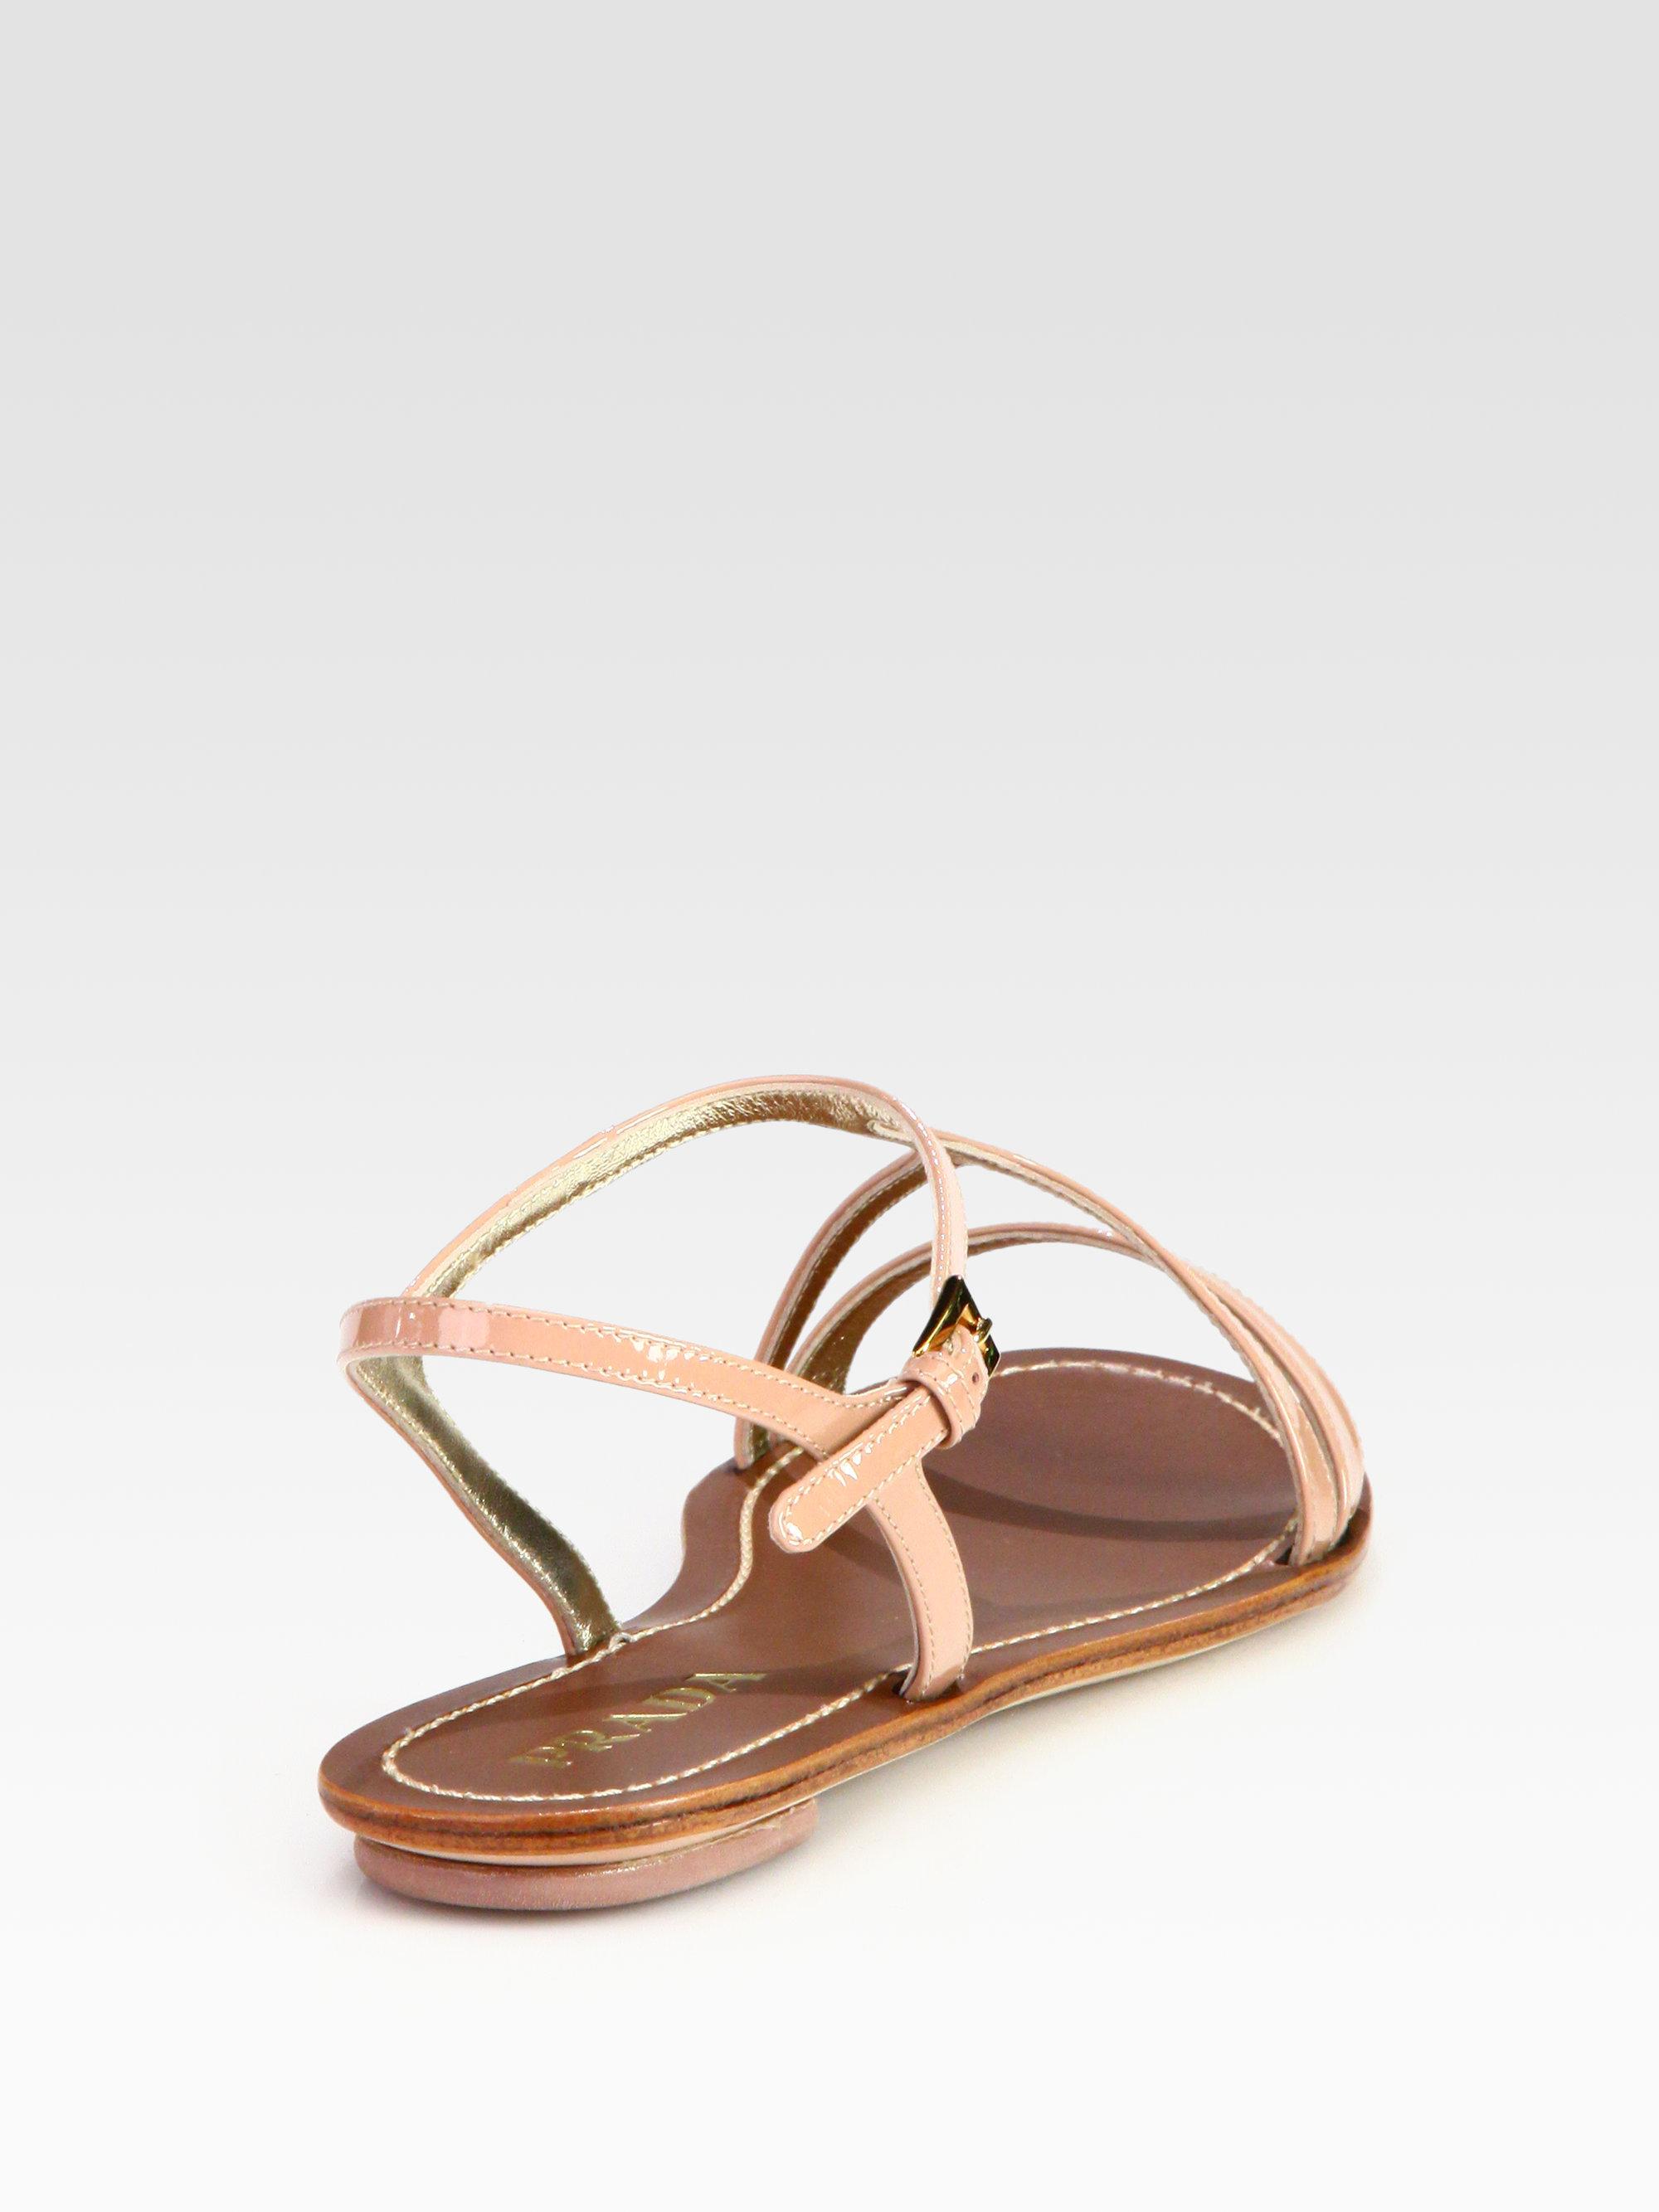 Flat Sandals Lyst Patent Prada Brown In Leather B7f6yygmiv fYgb67y